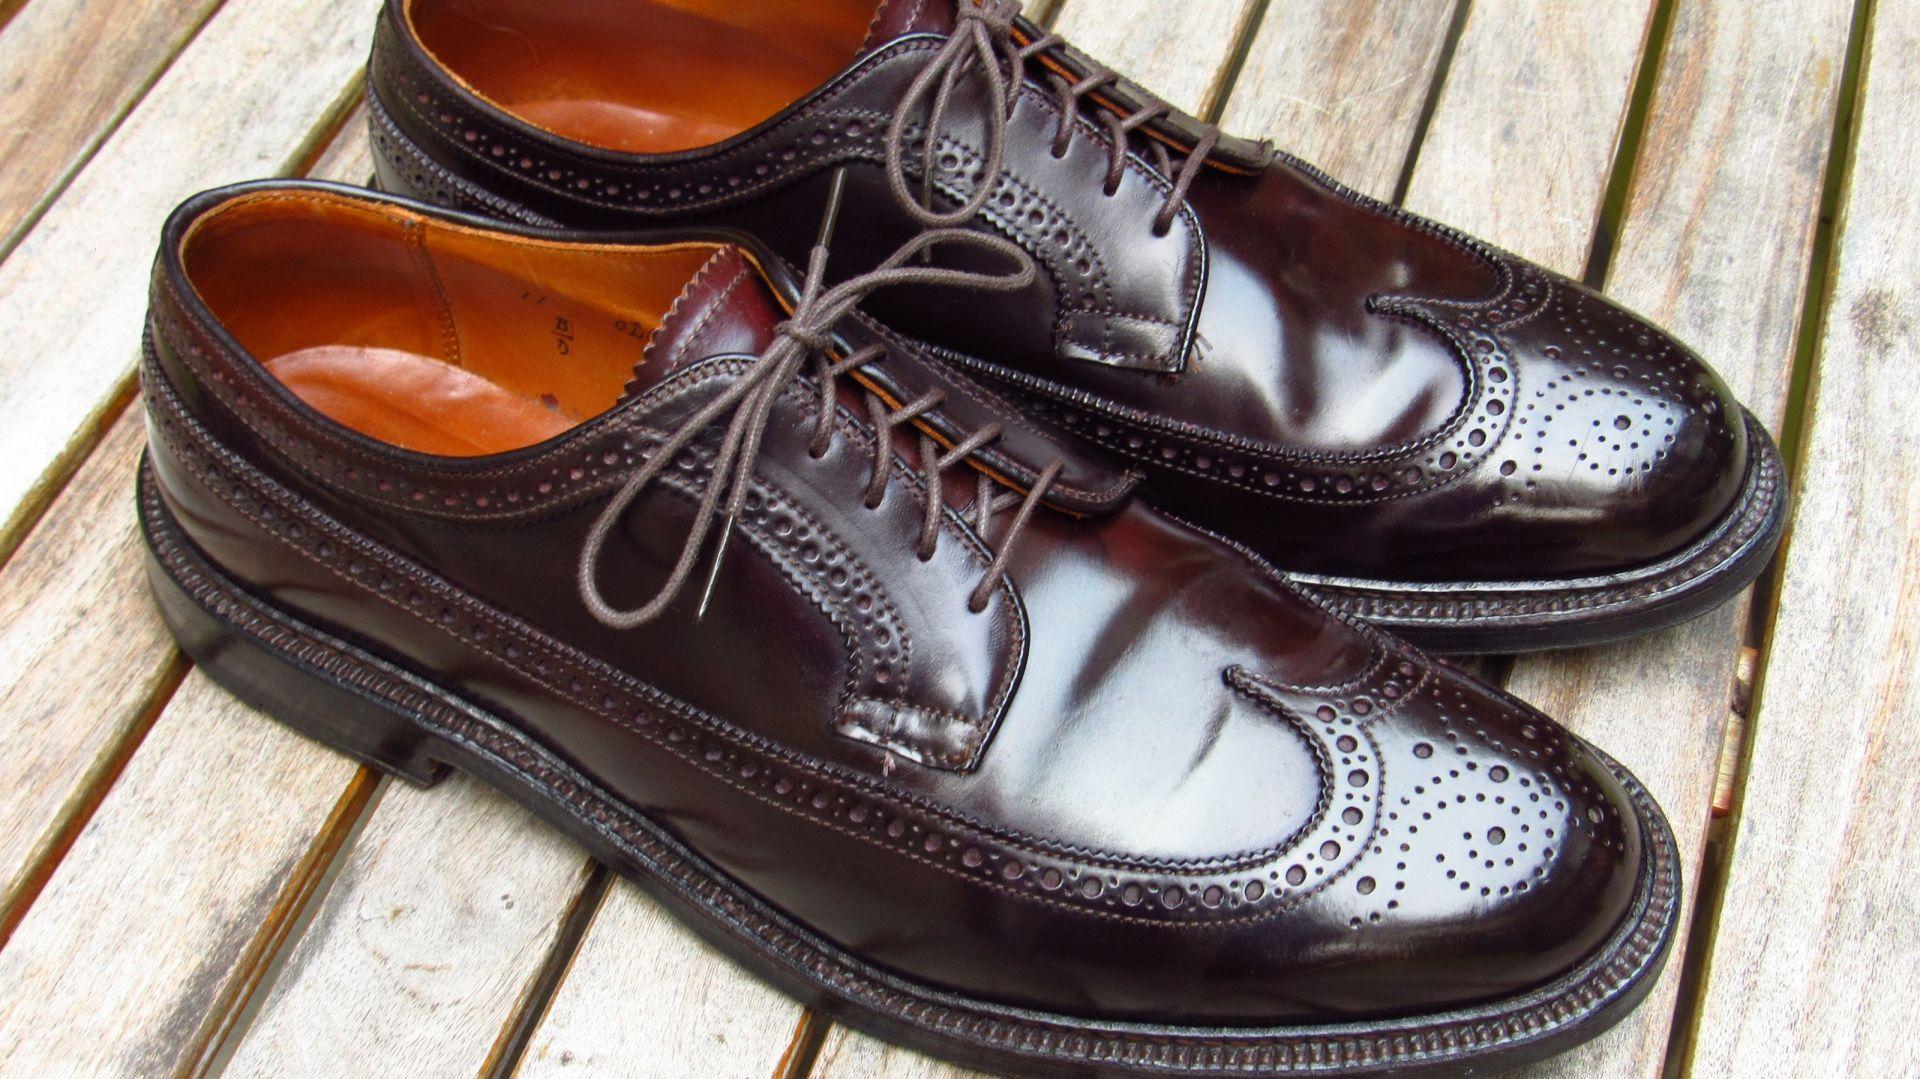 Giày da bị nứt - nhăn sau một thời gian sử dụng